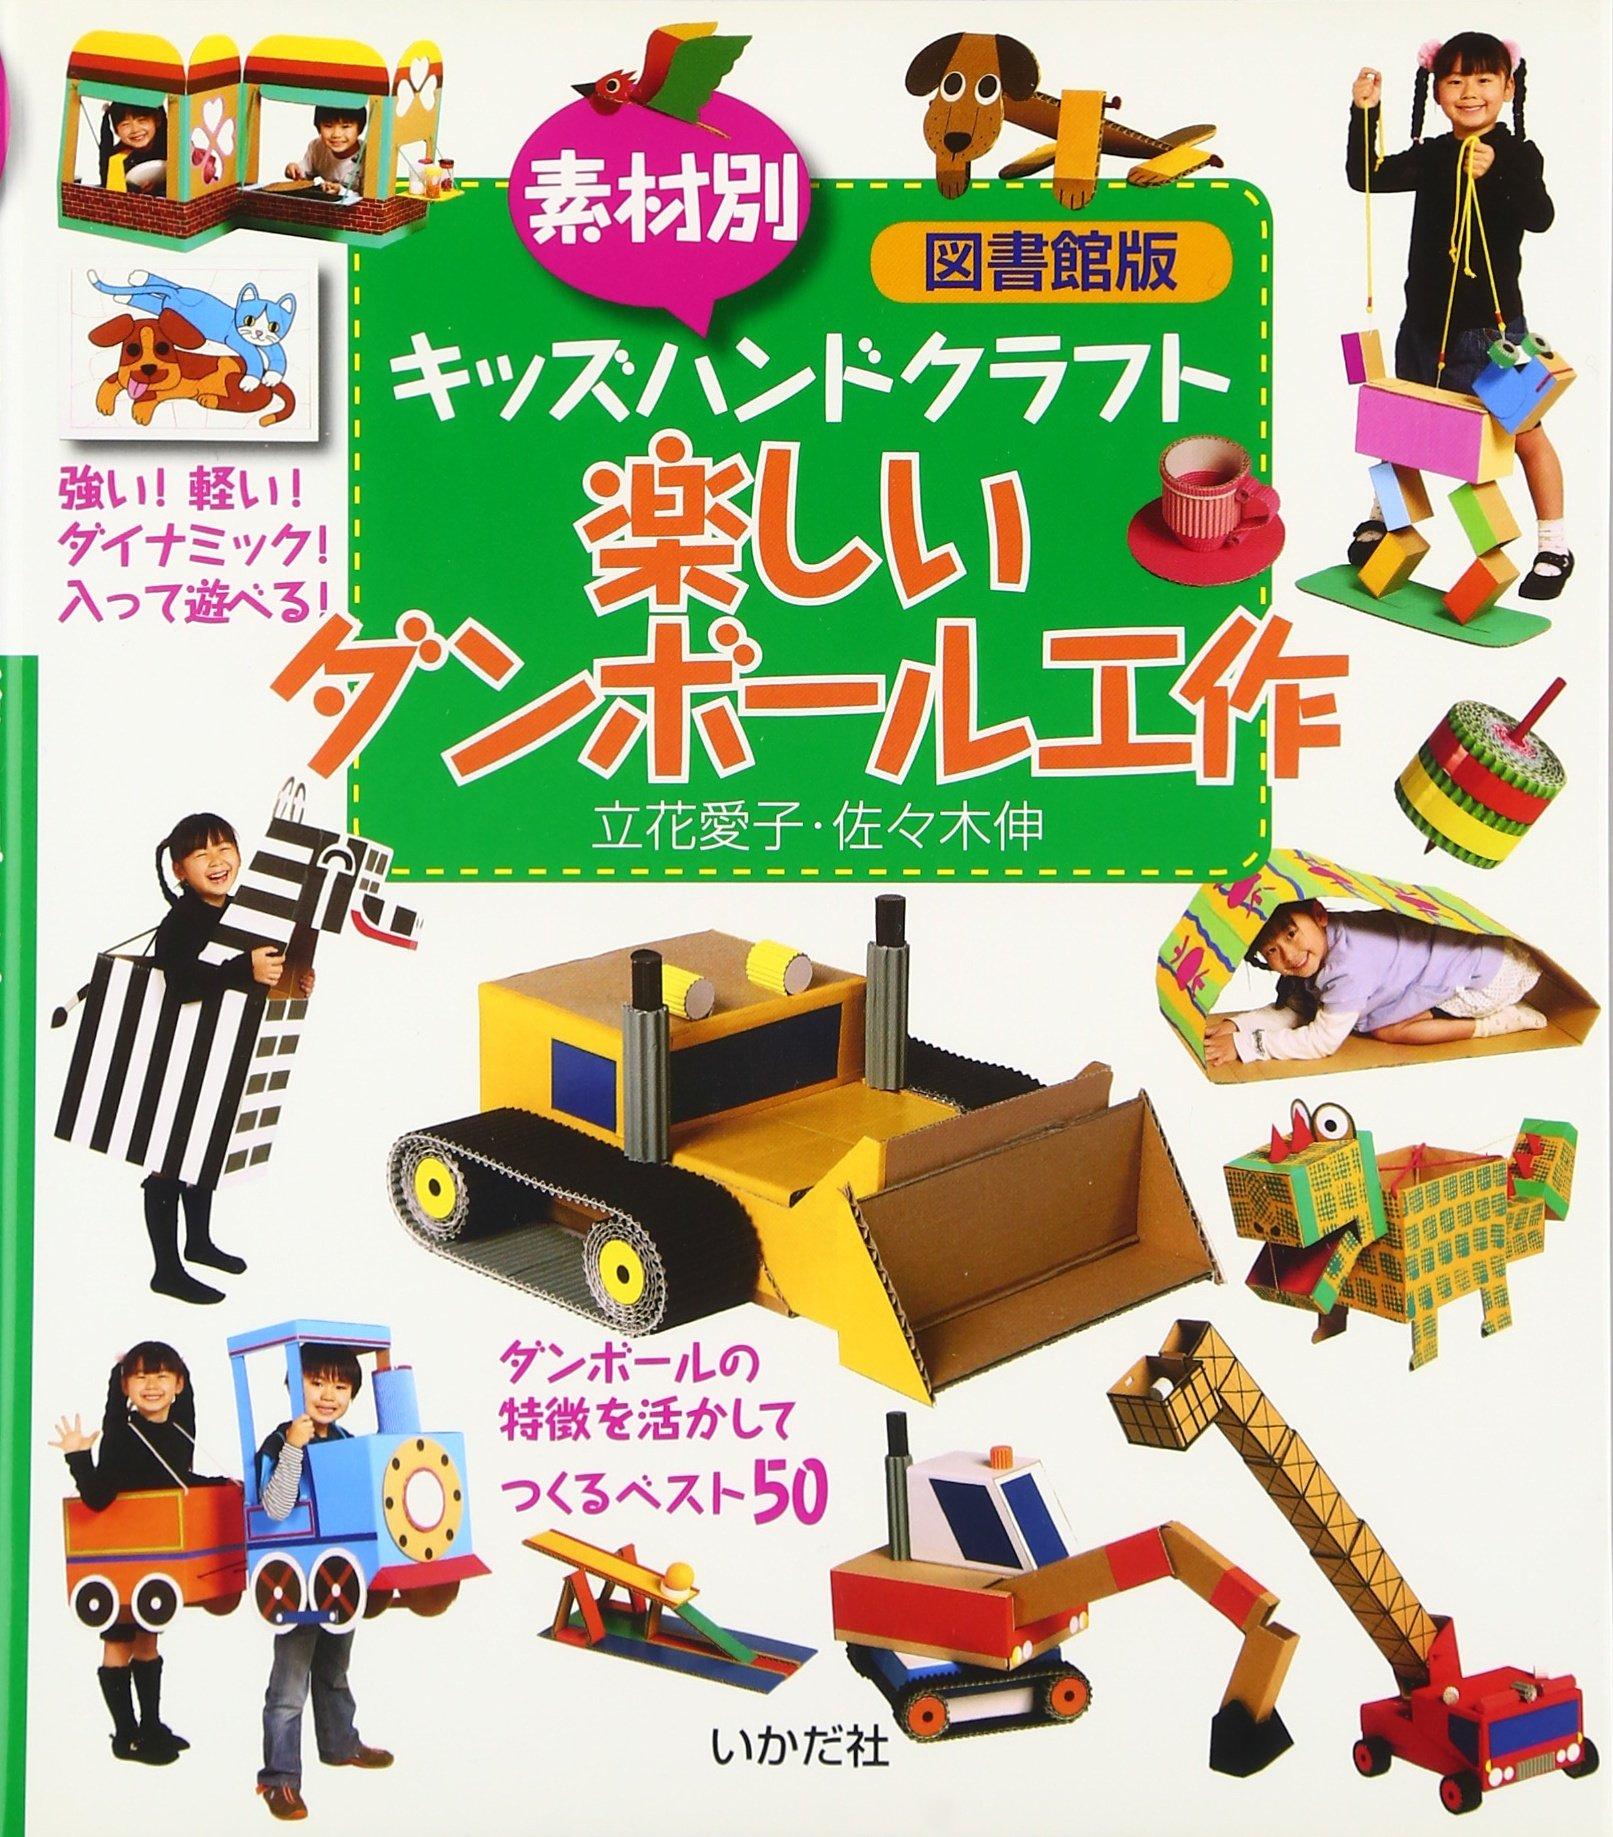 『素材別キッズハンドクラフト 楽しいダンボール工作 図書館版』(いかだ社)